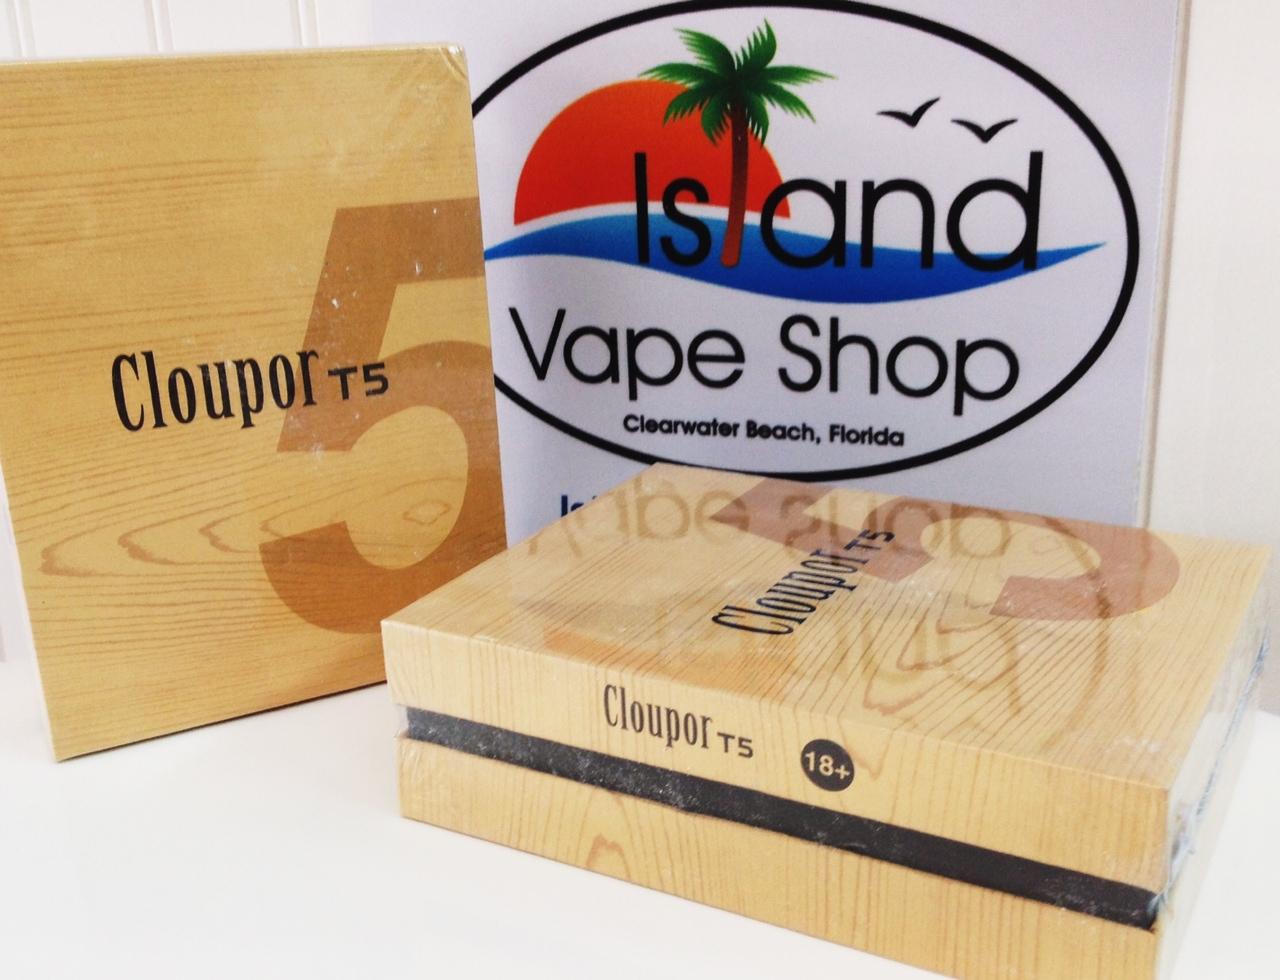 island_vape_shop_t5_clouper_50watt_mod.jpeg